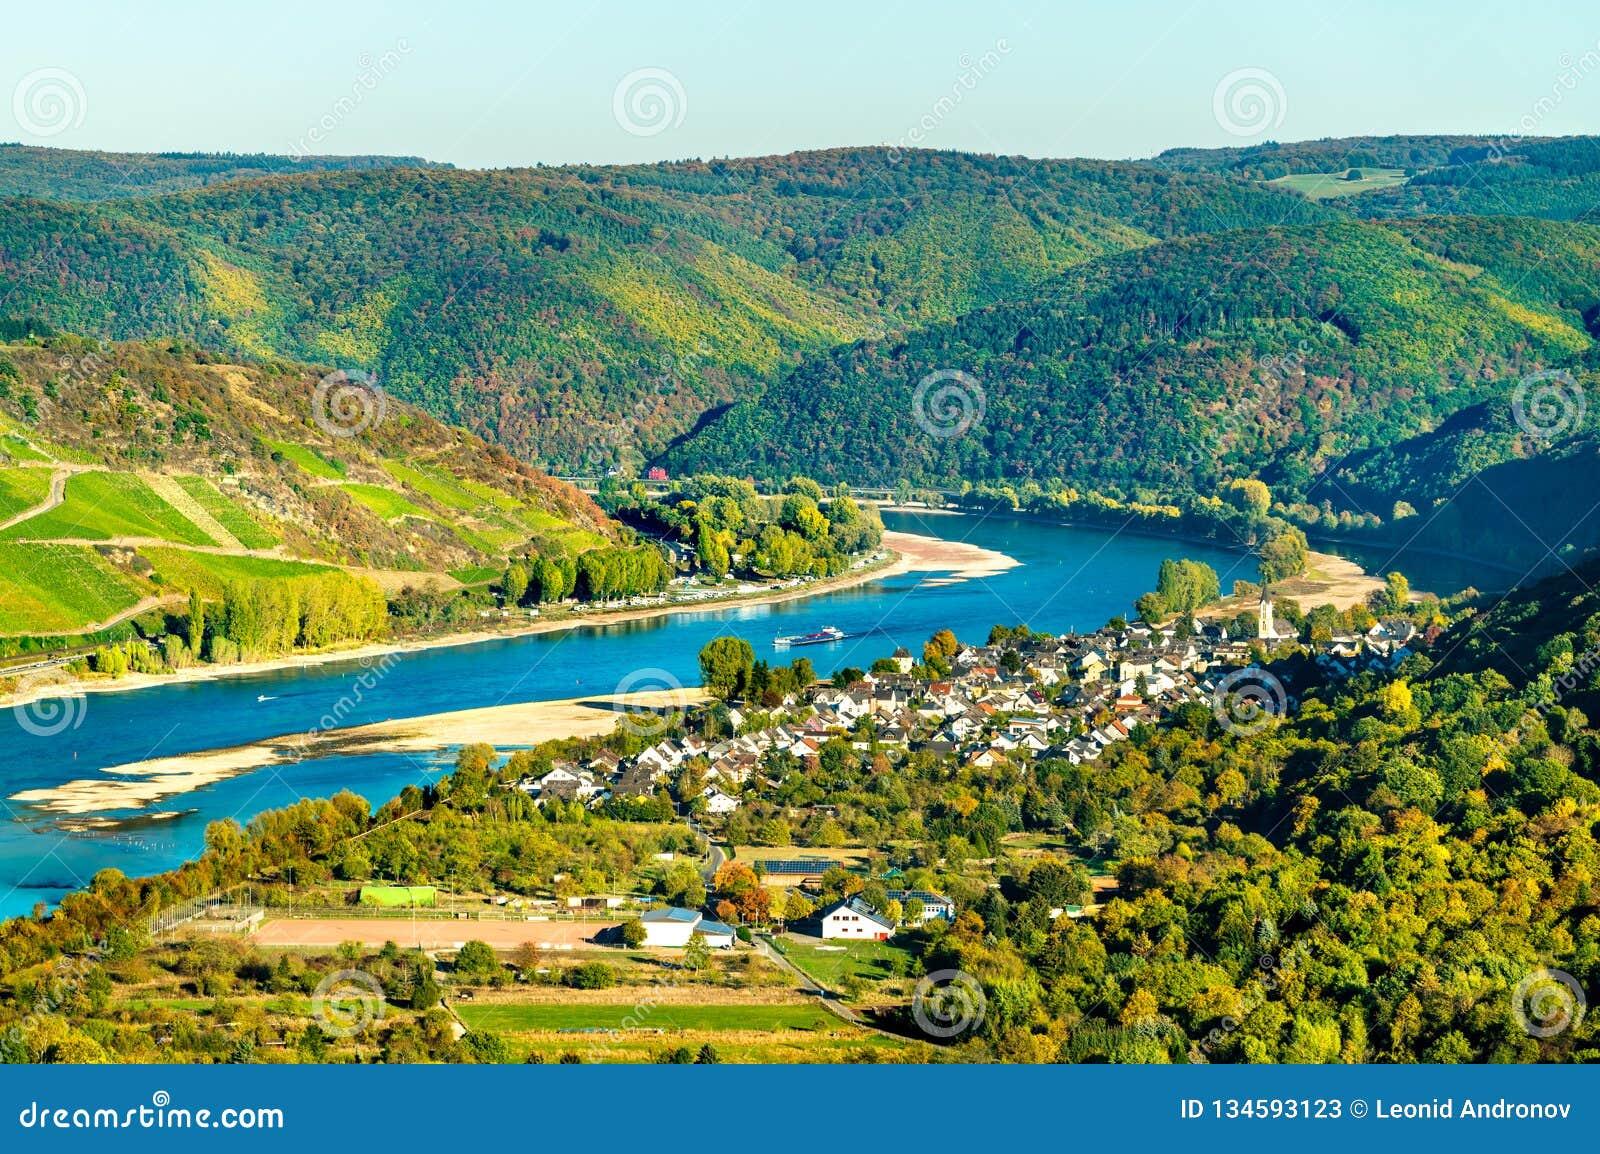 Die große Schleife des Rheins bei Boppard in Deutschland